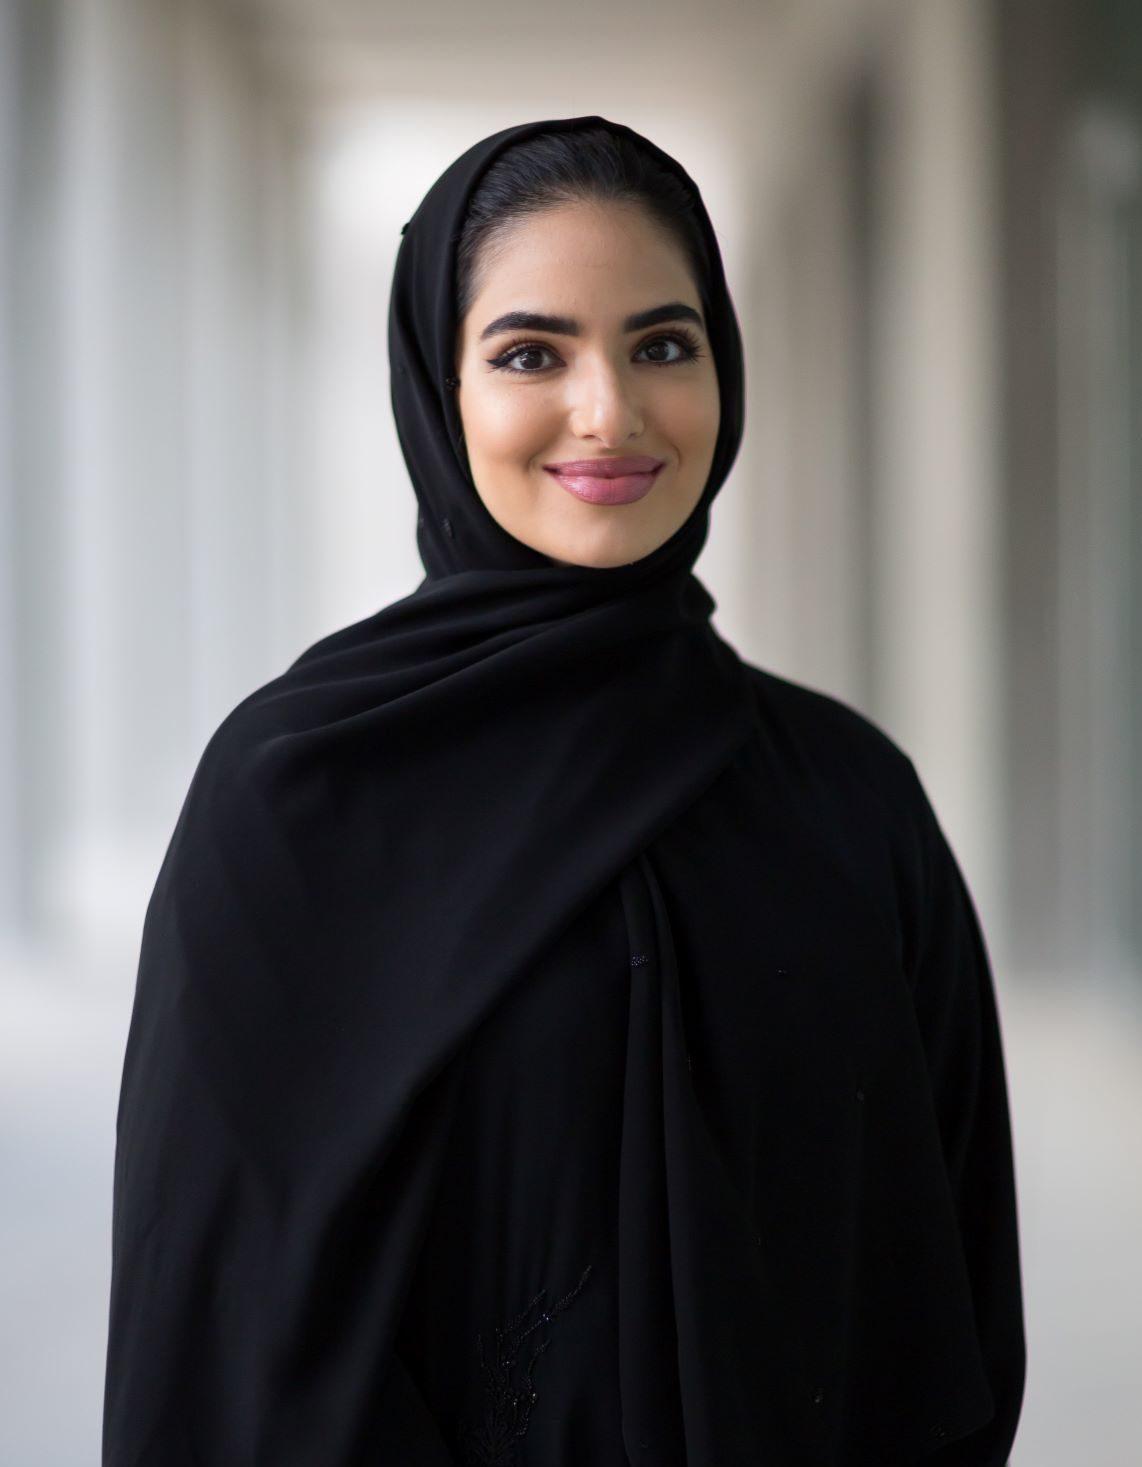 الطالبتان الإماراتيّتان ماجدة آل مكتوم وأمل القرقاوي تحصلان على منحة رودس في جامعة أكسفورد